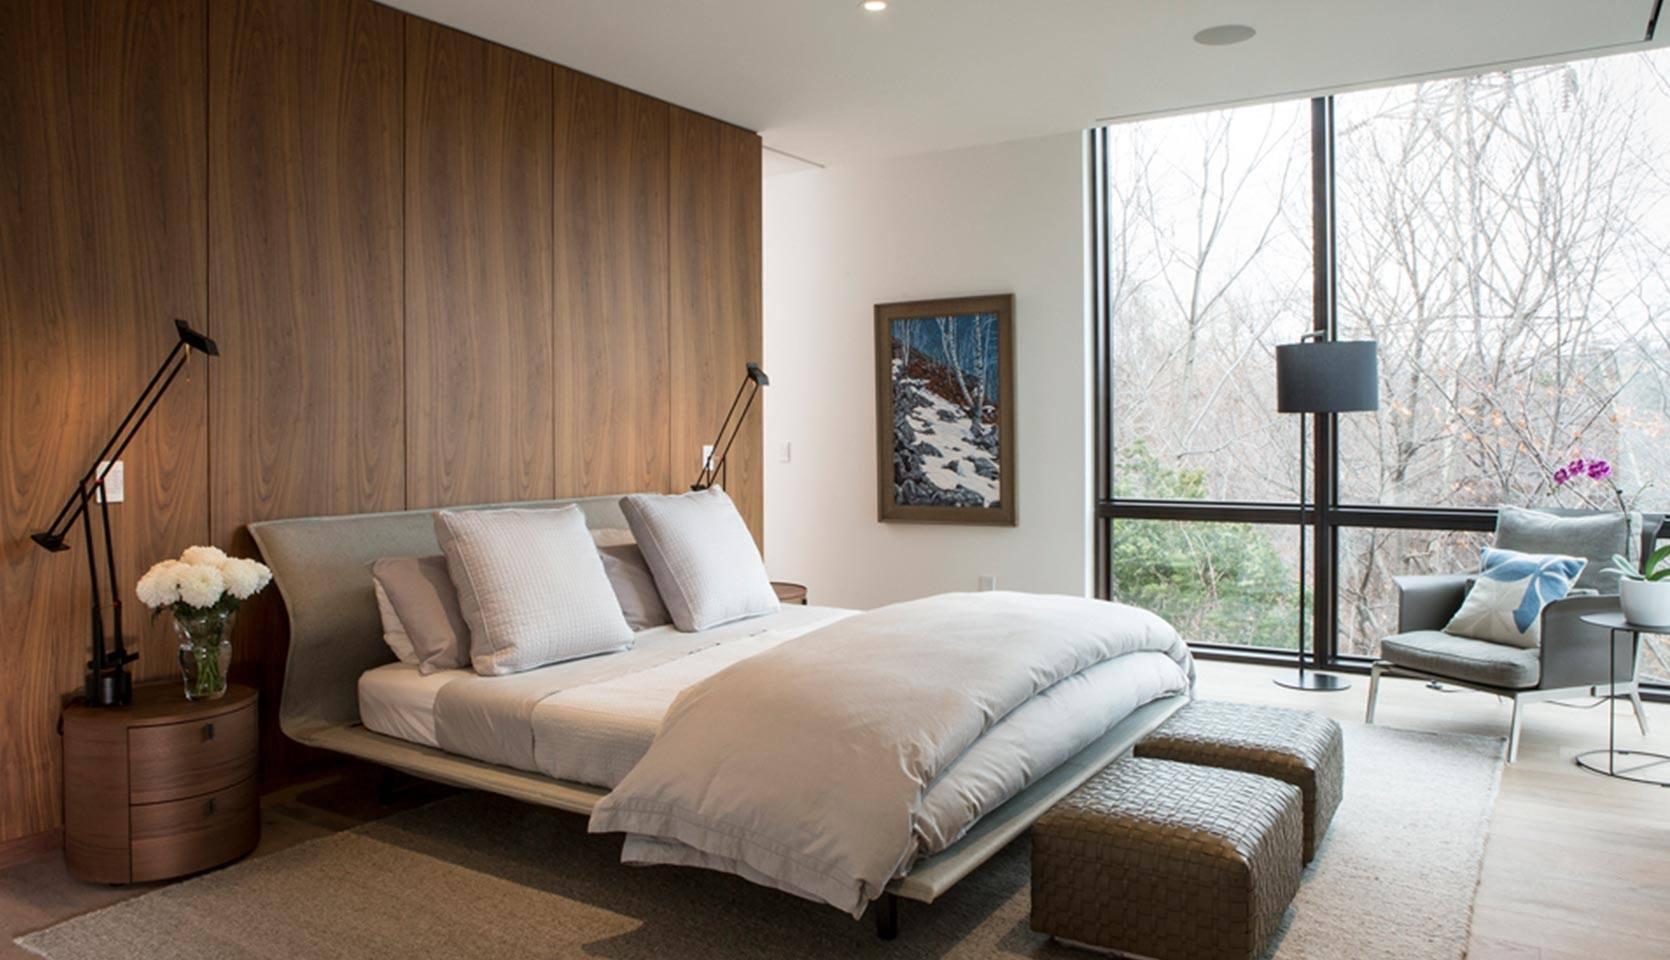 severnwoods-modern-rosedale-house-bedroom